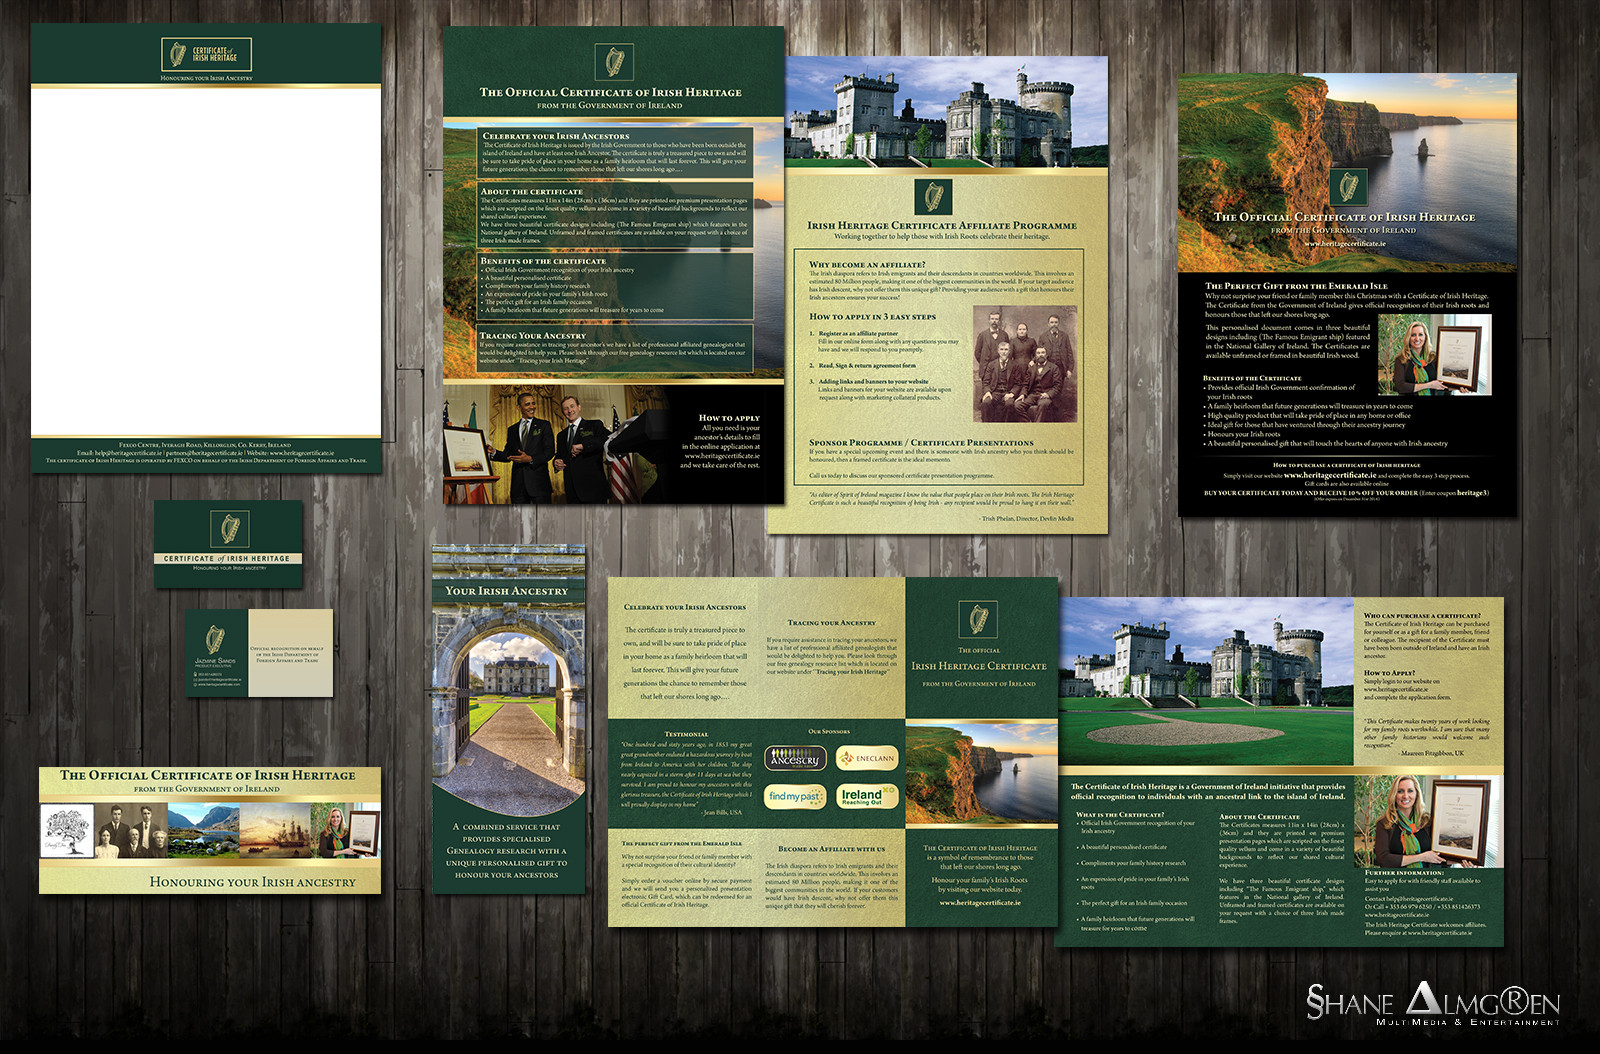 Certificate of Irish Heritage